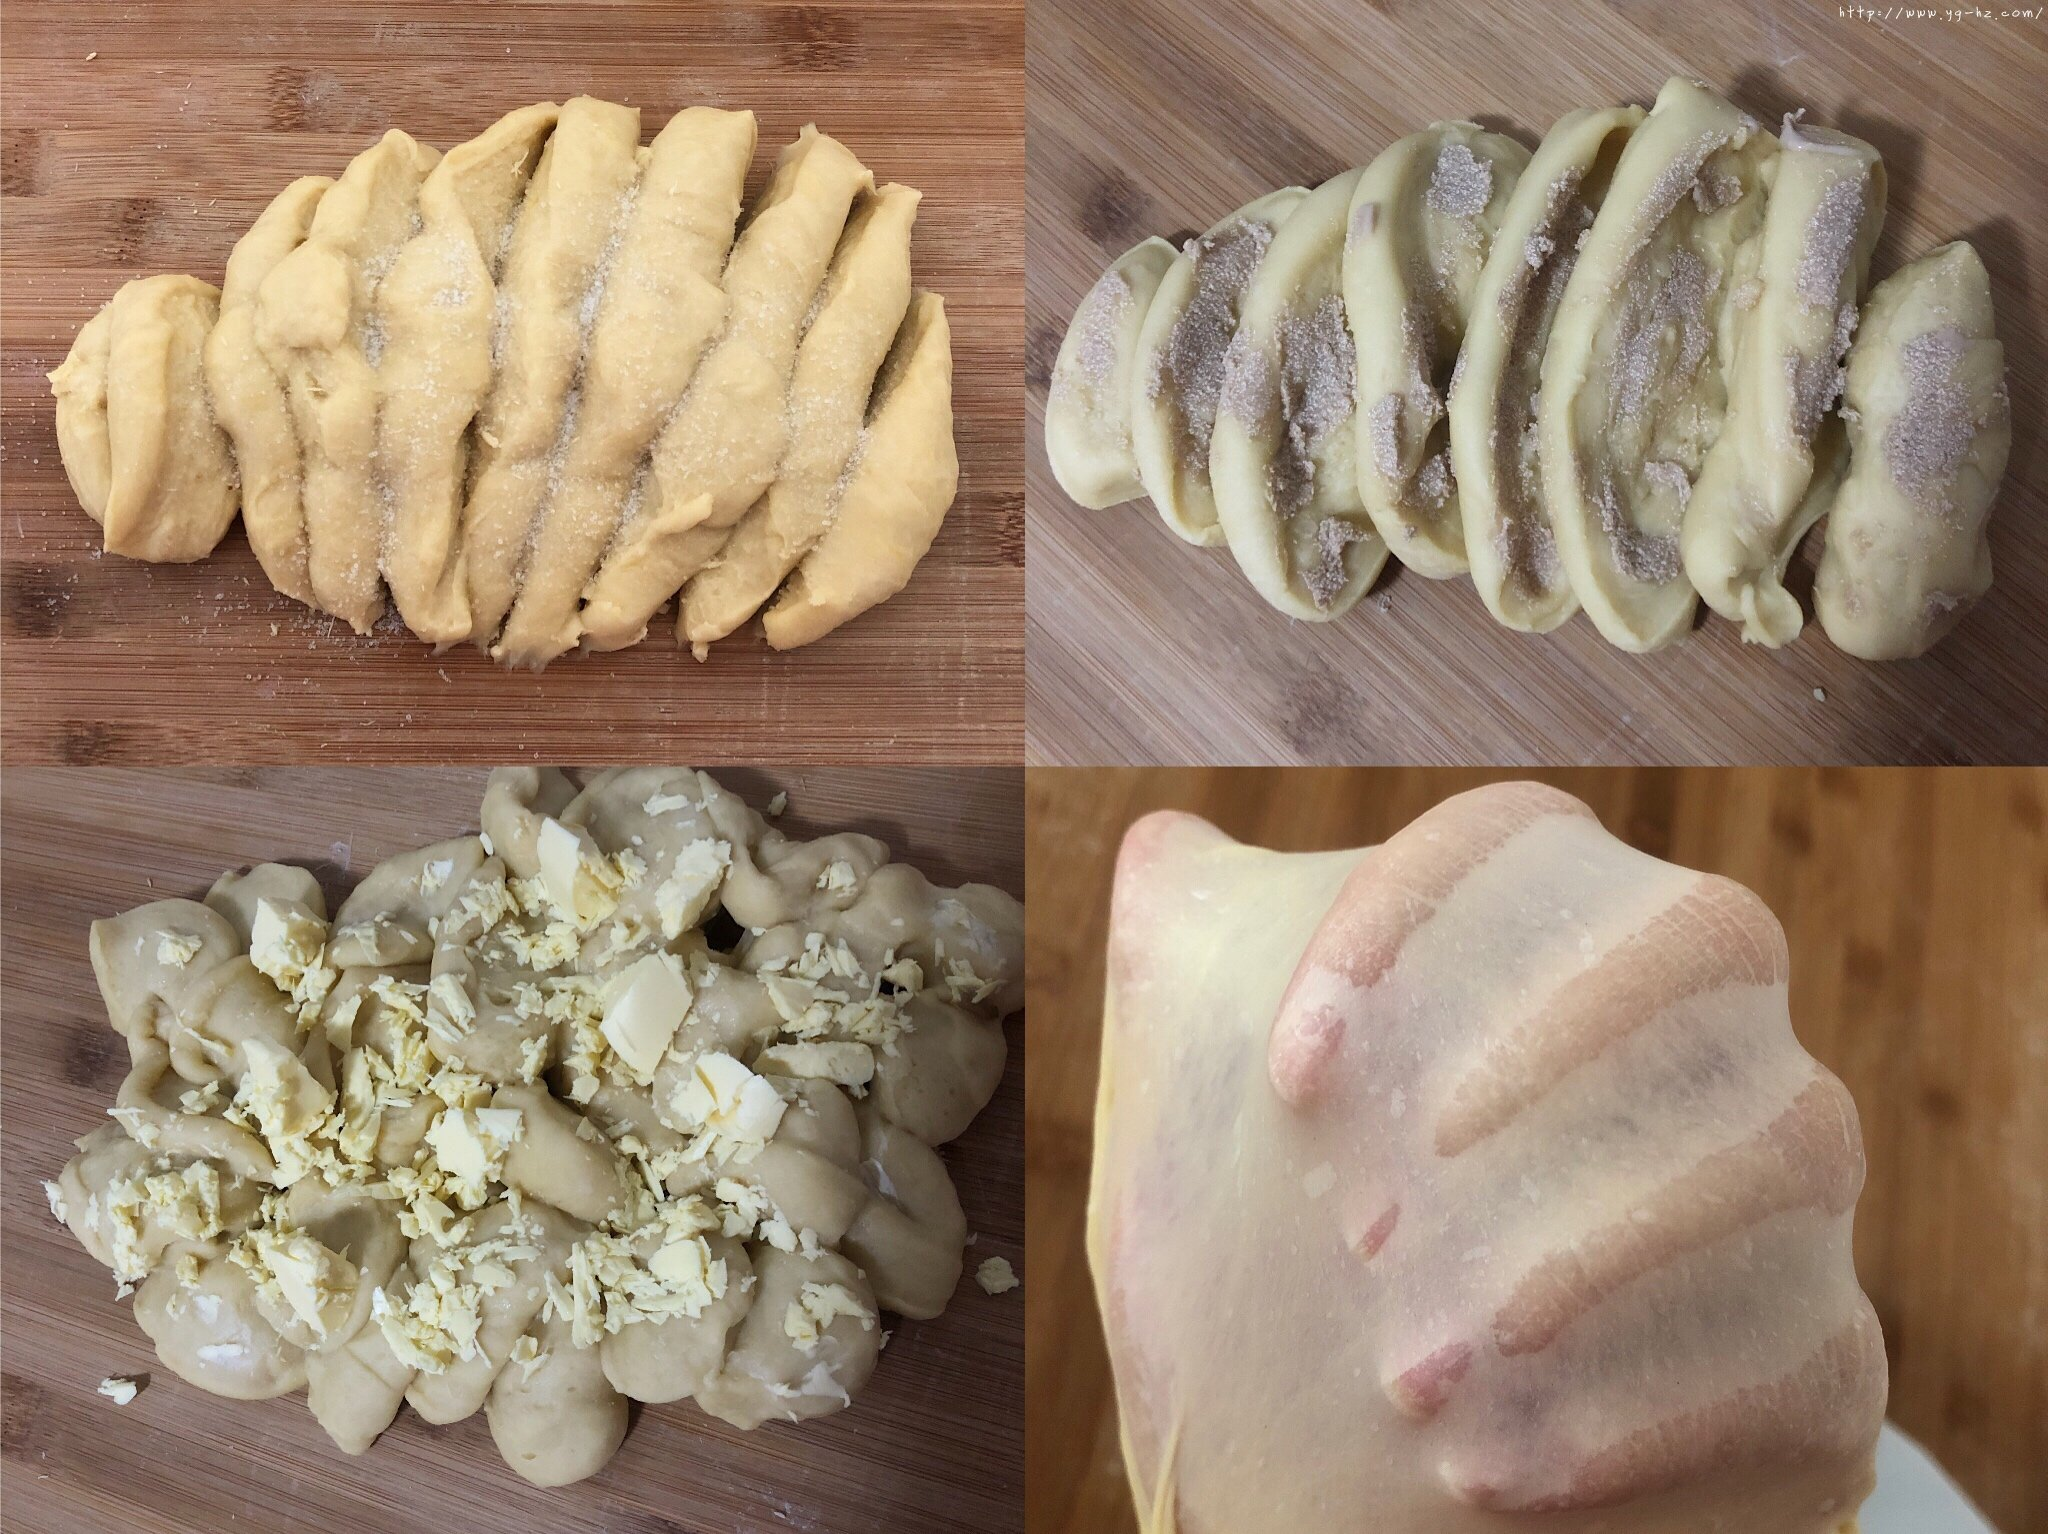 香甜软绵的卡士达夹心面包(后酵母法)的做法 步骤5